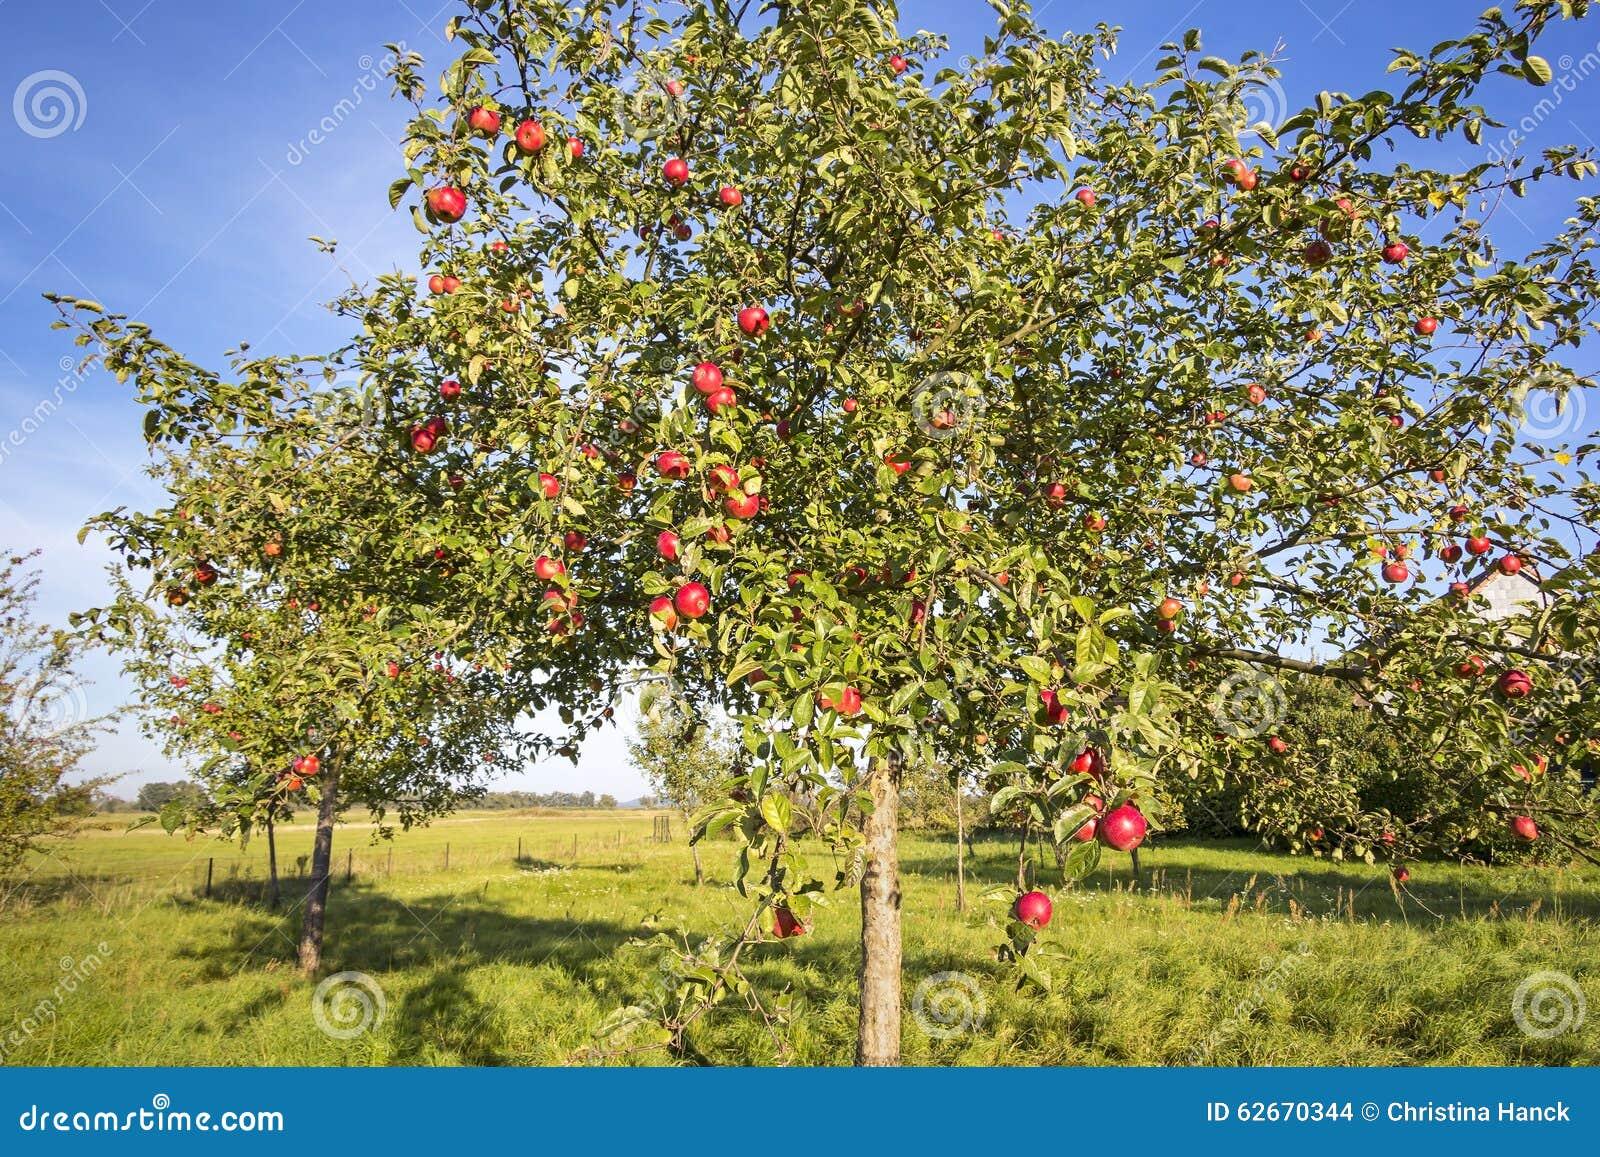 landschaft mit apfelbaum im herbst stockfoto bild von nahrung horizontal 62670344. Black Bedroom Furniture Sets. Home Design Ideas